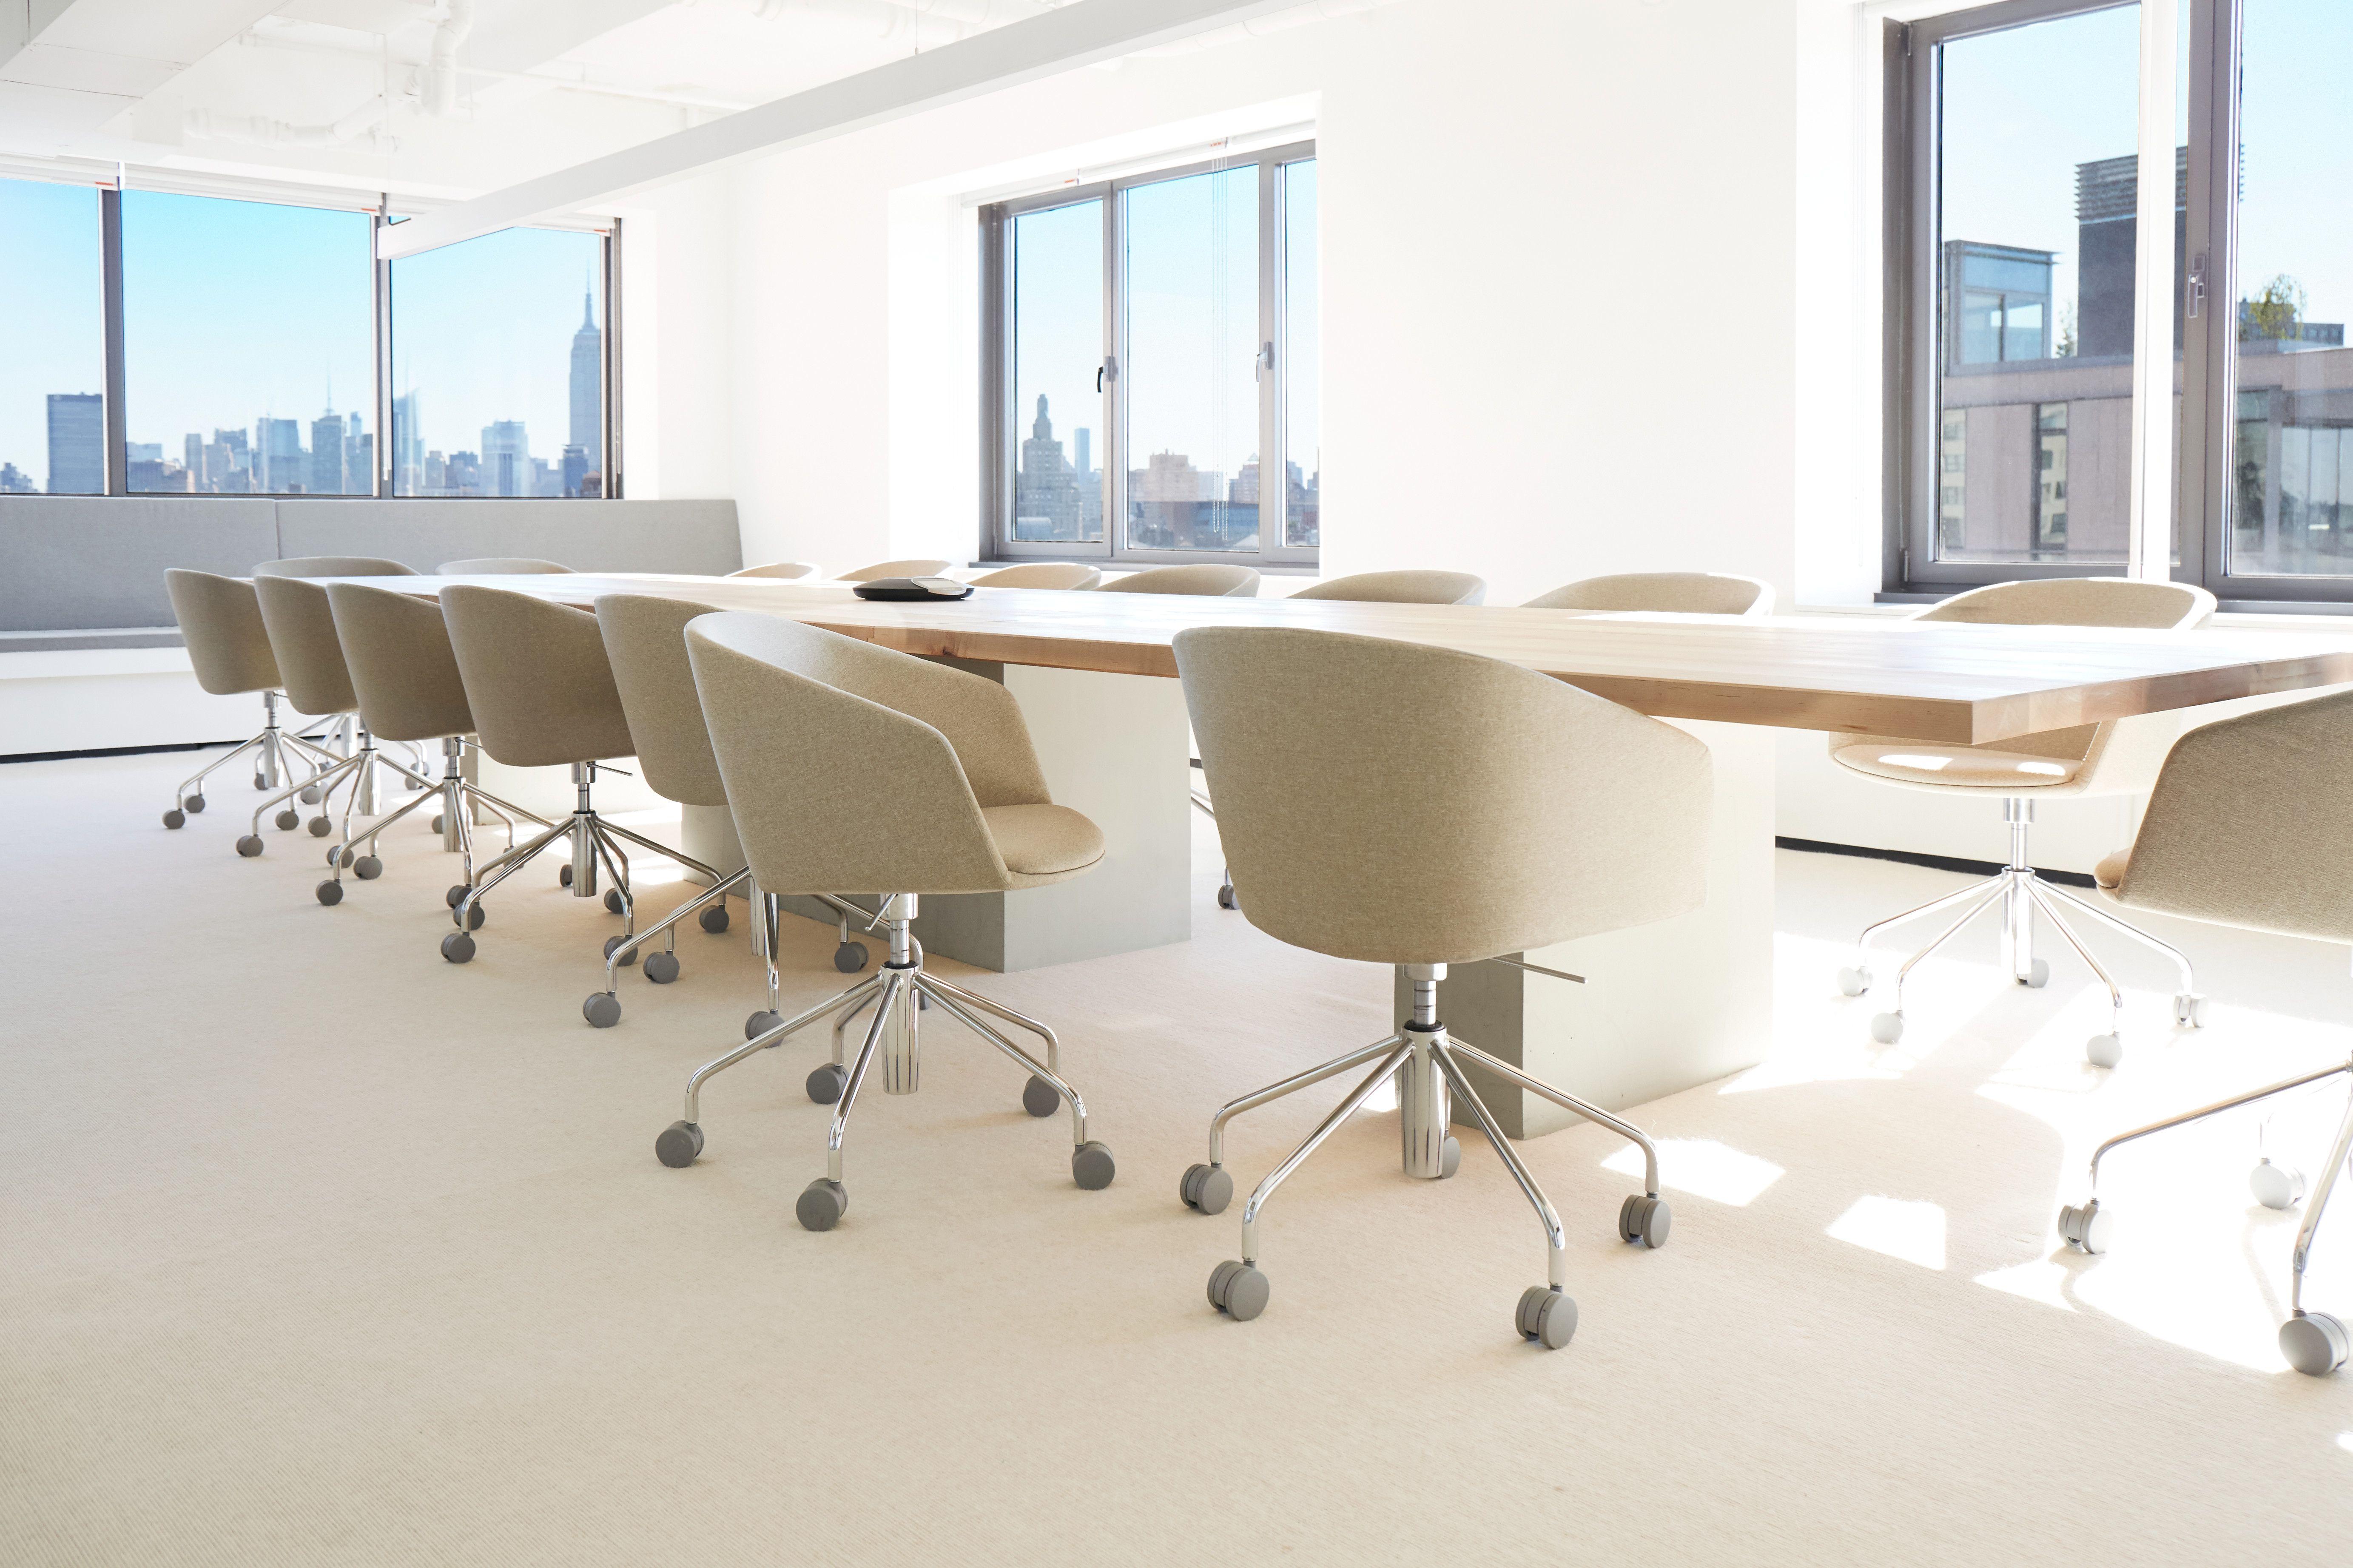 Office Goals X Poppin Meet The Khaki Pitch Meeting Chair